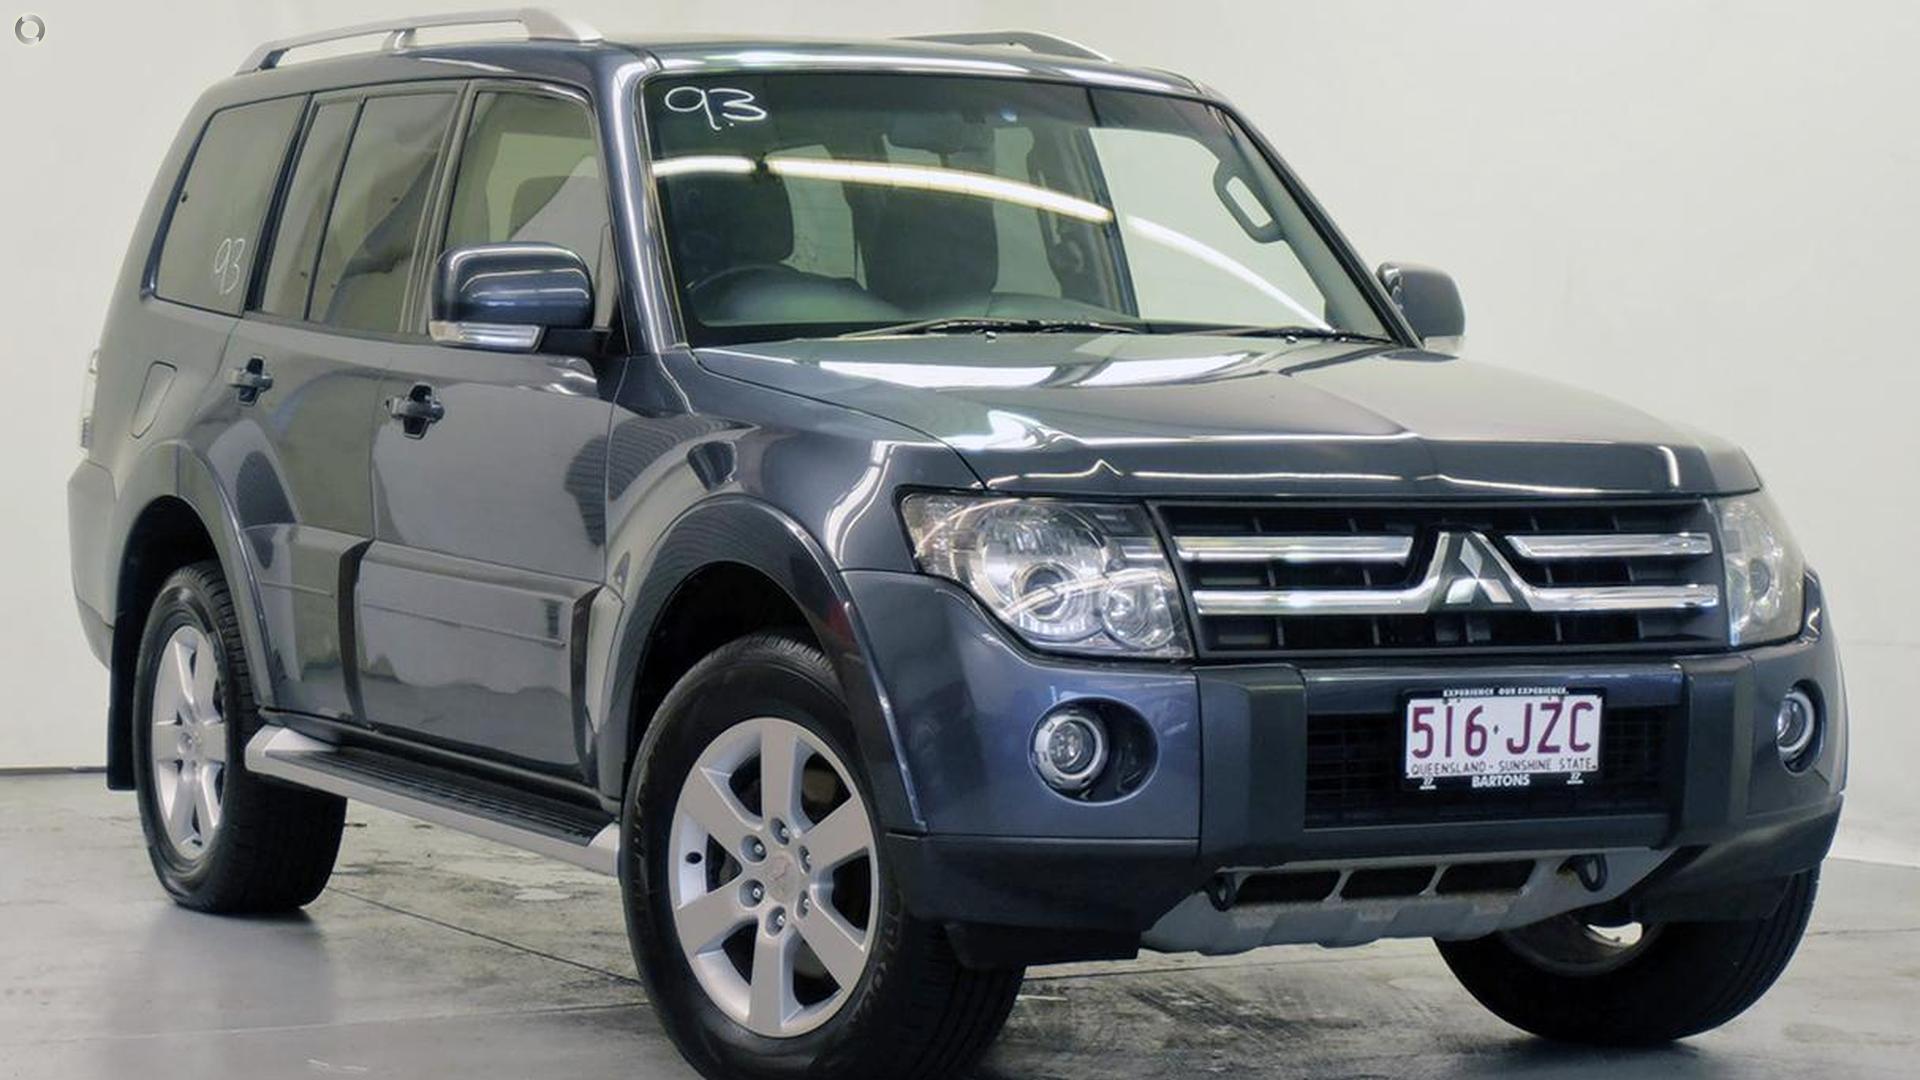 2006 Mitsubishi Pajero Vr-x